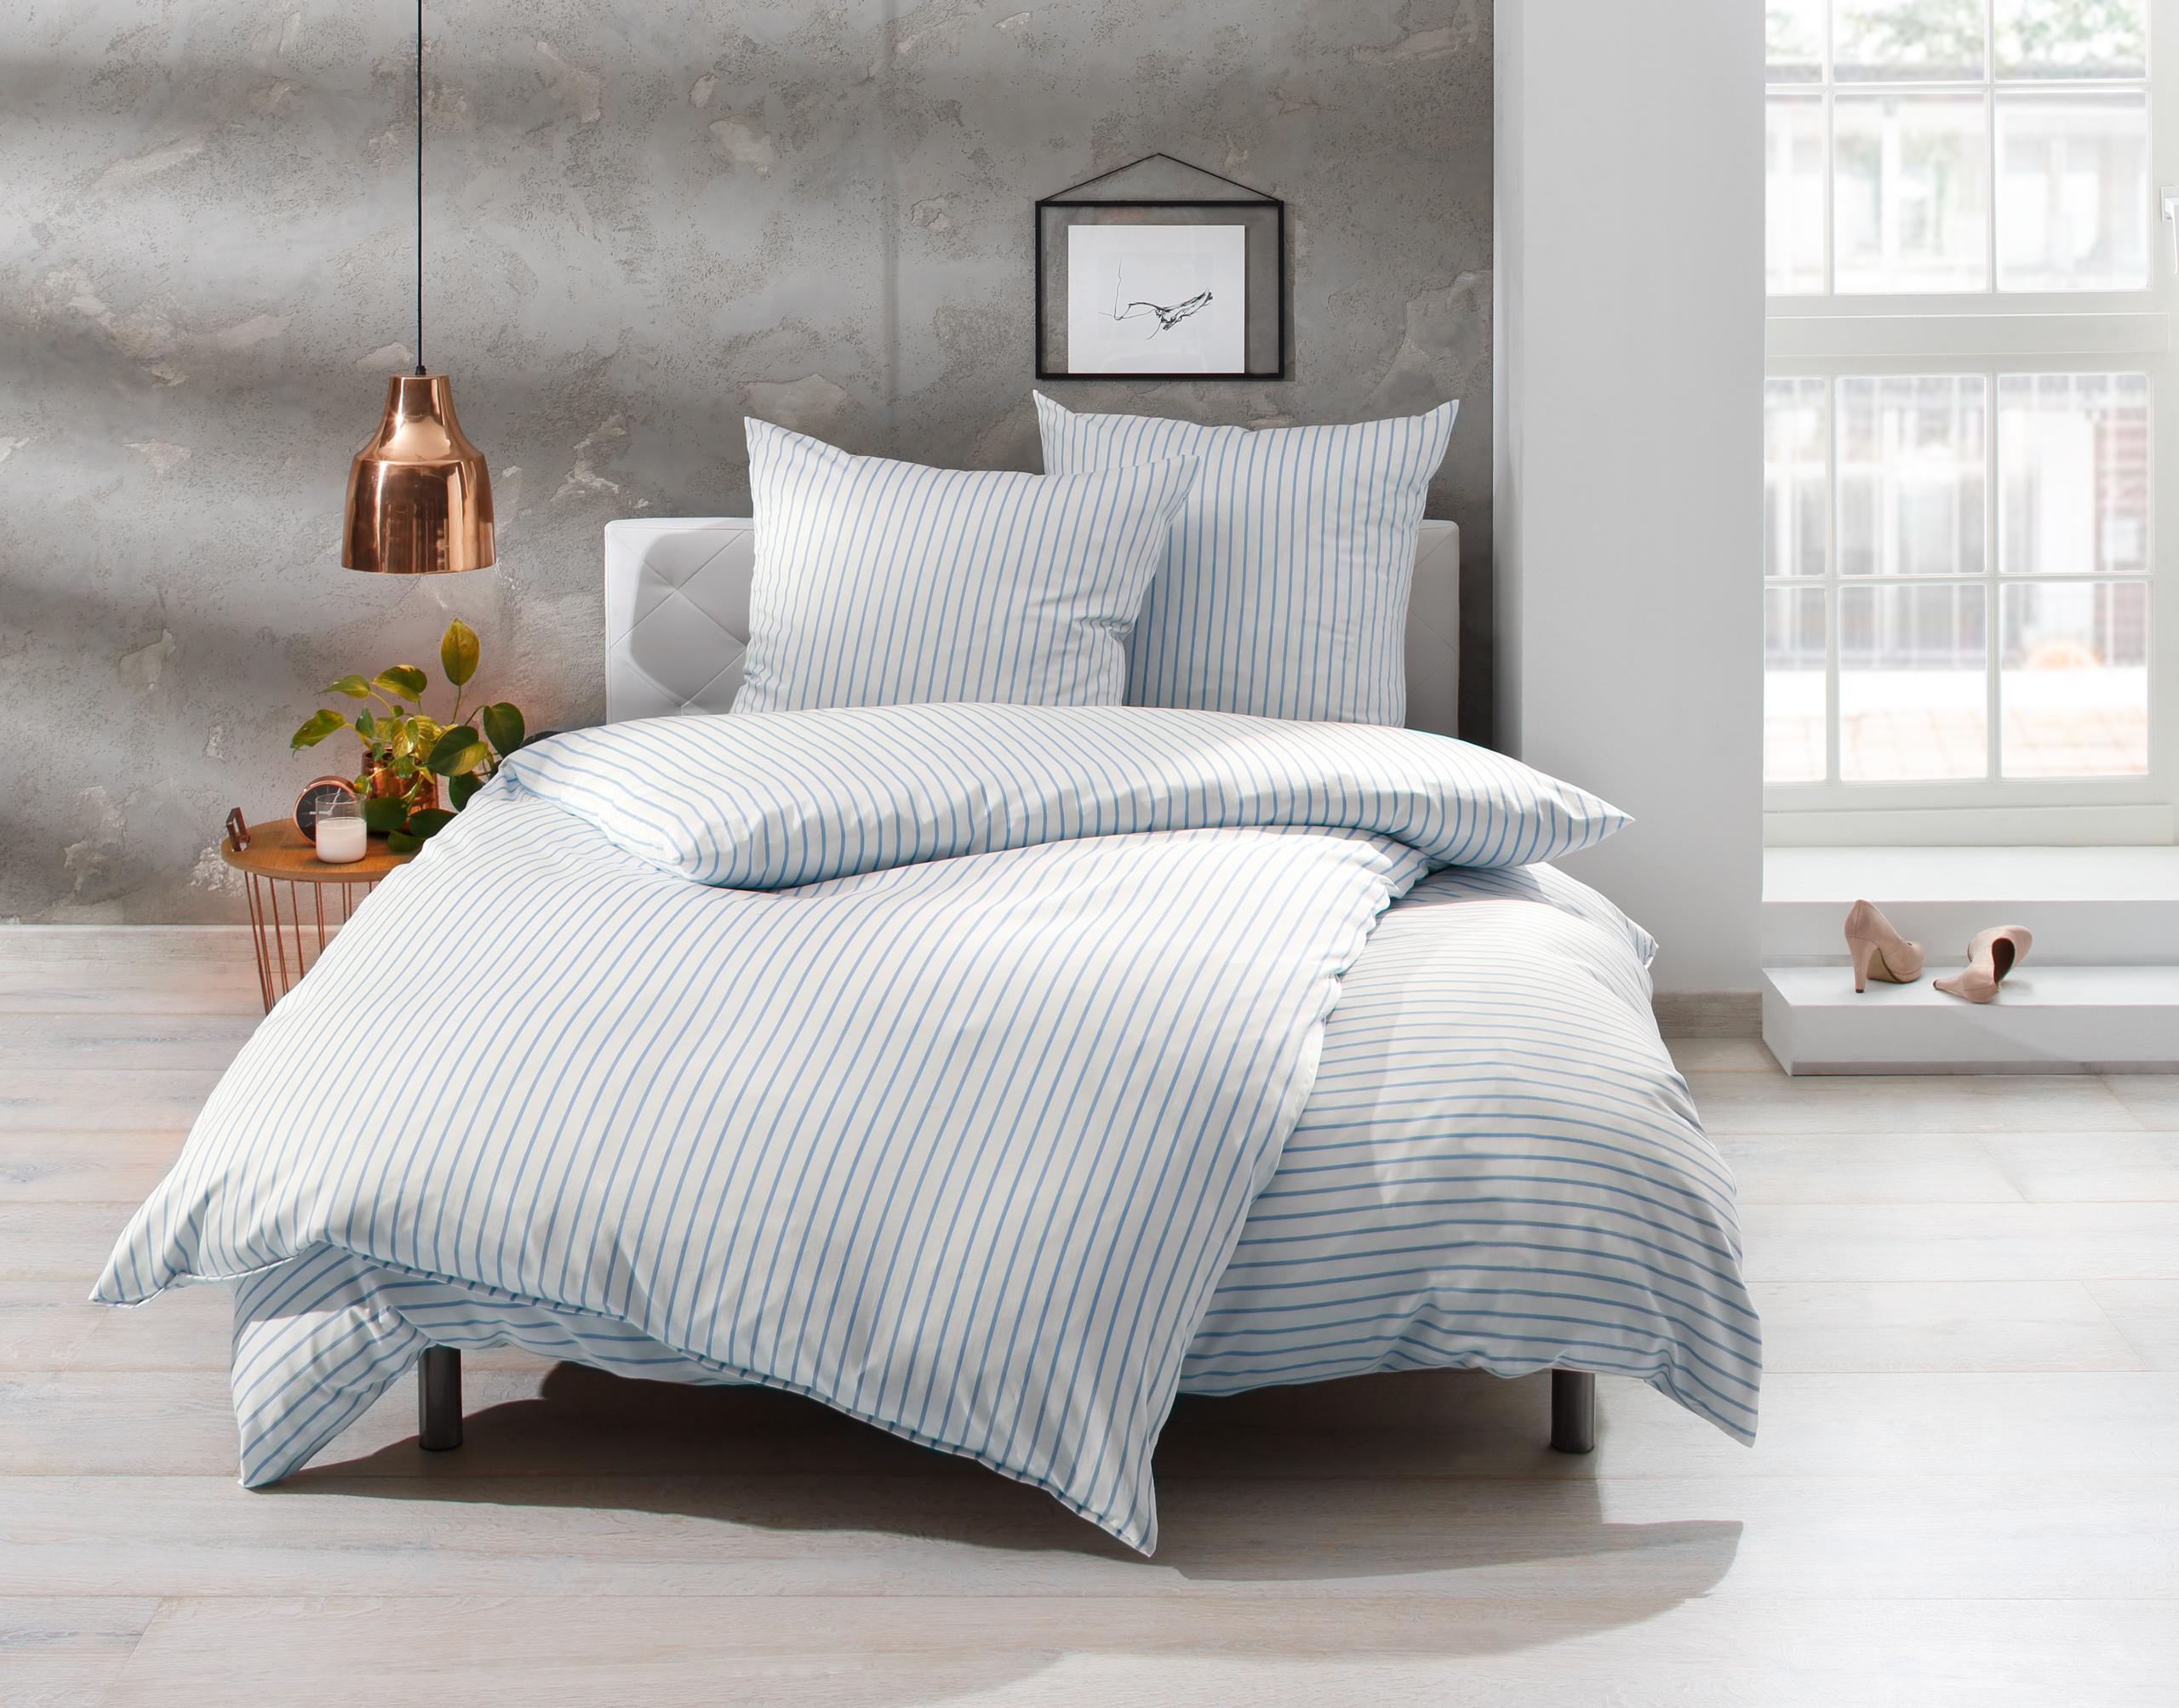 Full Size of Bettwsche 155x220 Streifen Blau 100 Baumwolle Jetzt Entdecken Bettwäsche Sprüche Wohnzimmer Bettwäsche 155x220